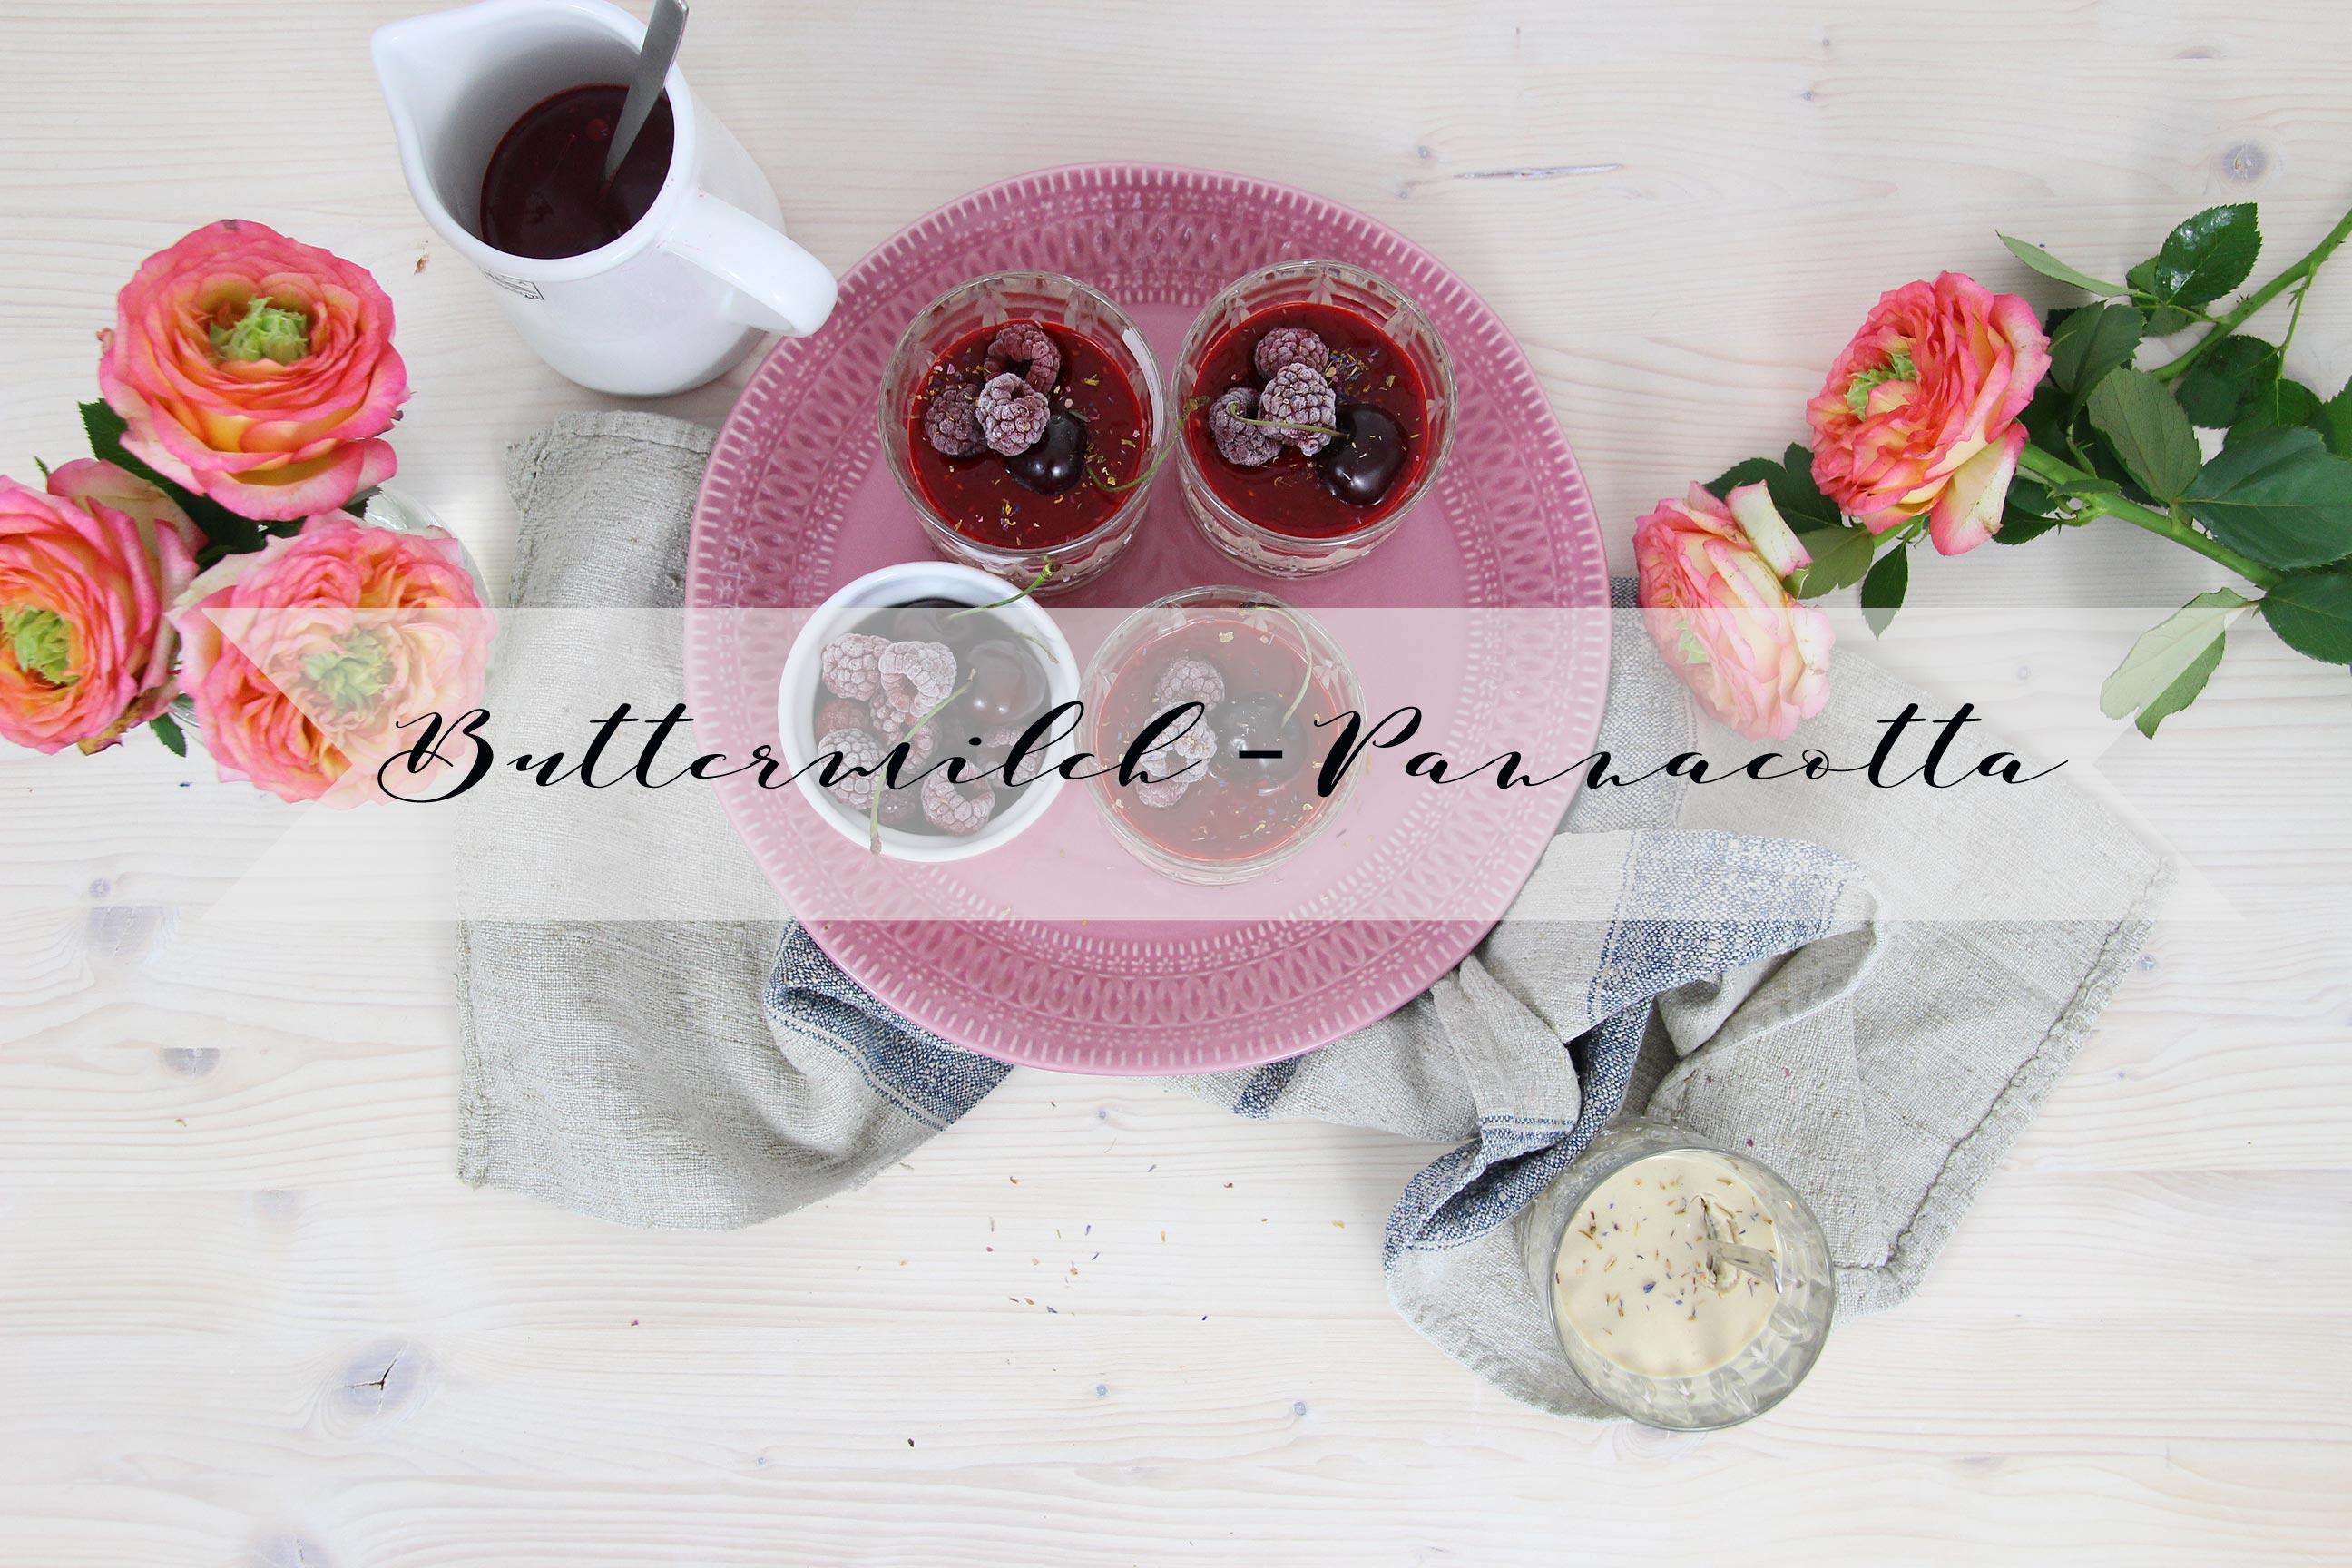 Buttermilch-Pannacotta mit Himbeersauce